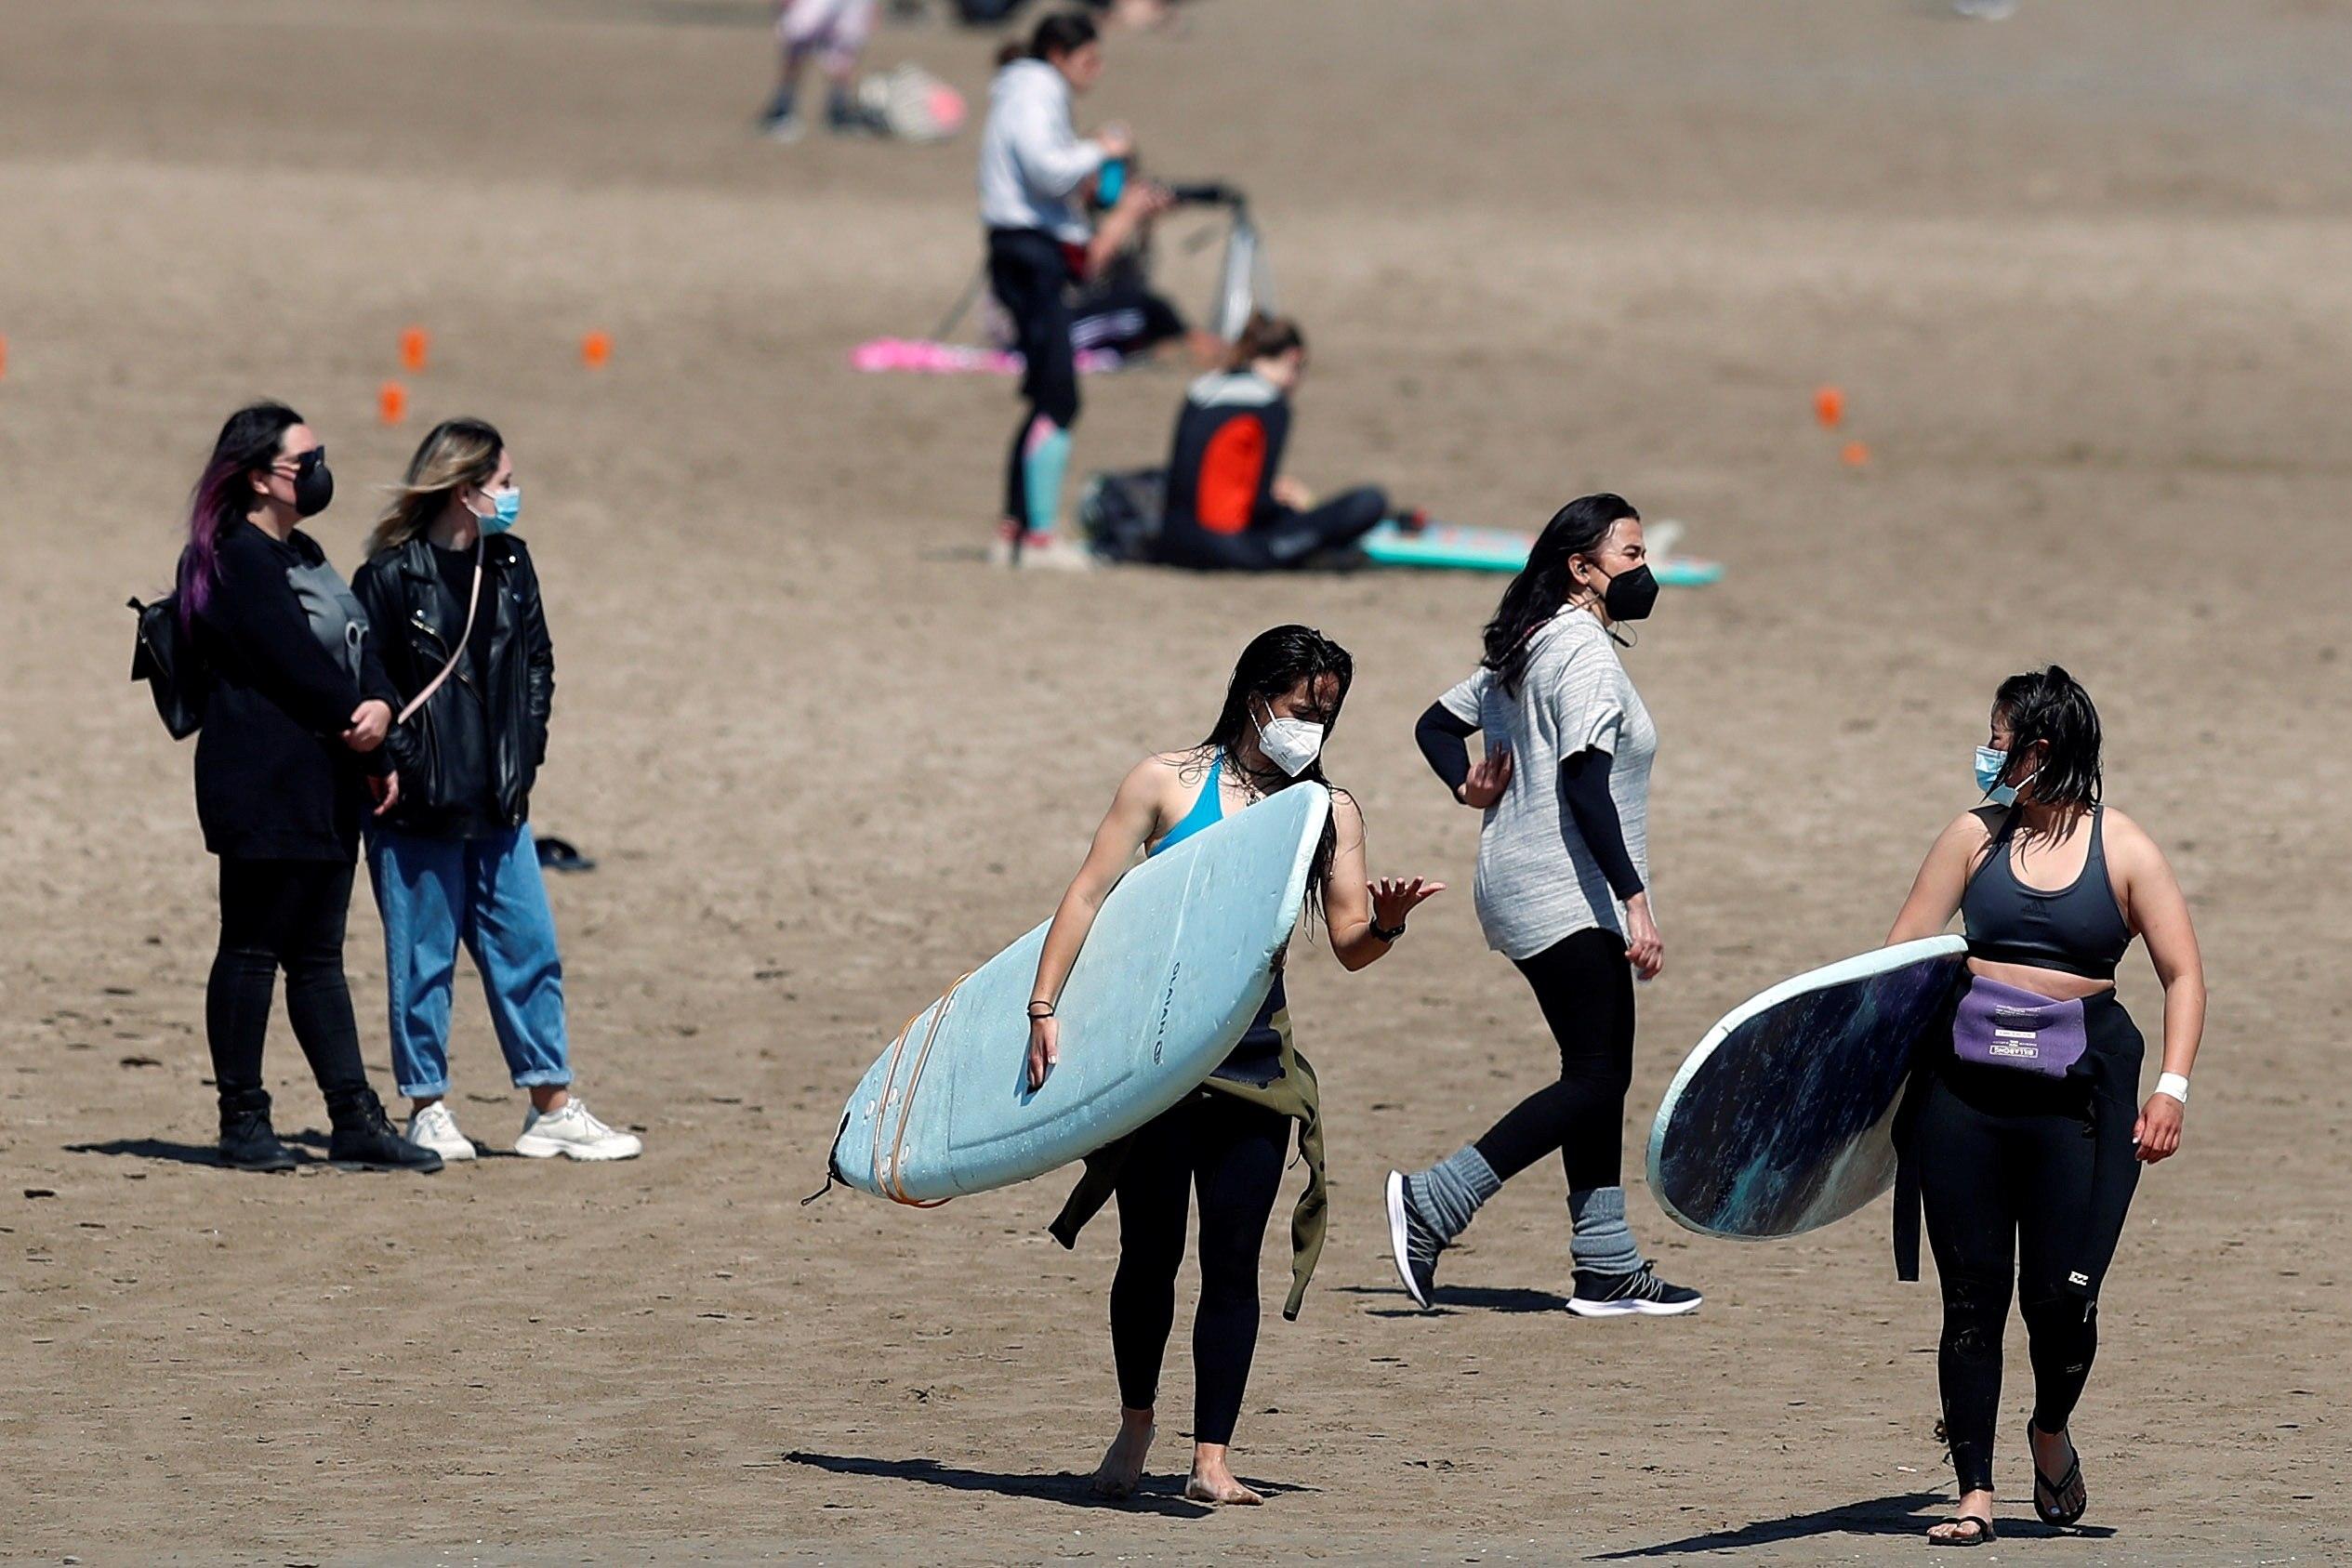 Un grupo de jóvenes disfruta de la playa de la Malvarrosa llevando mascarillas.